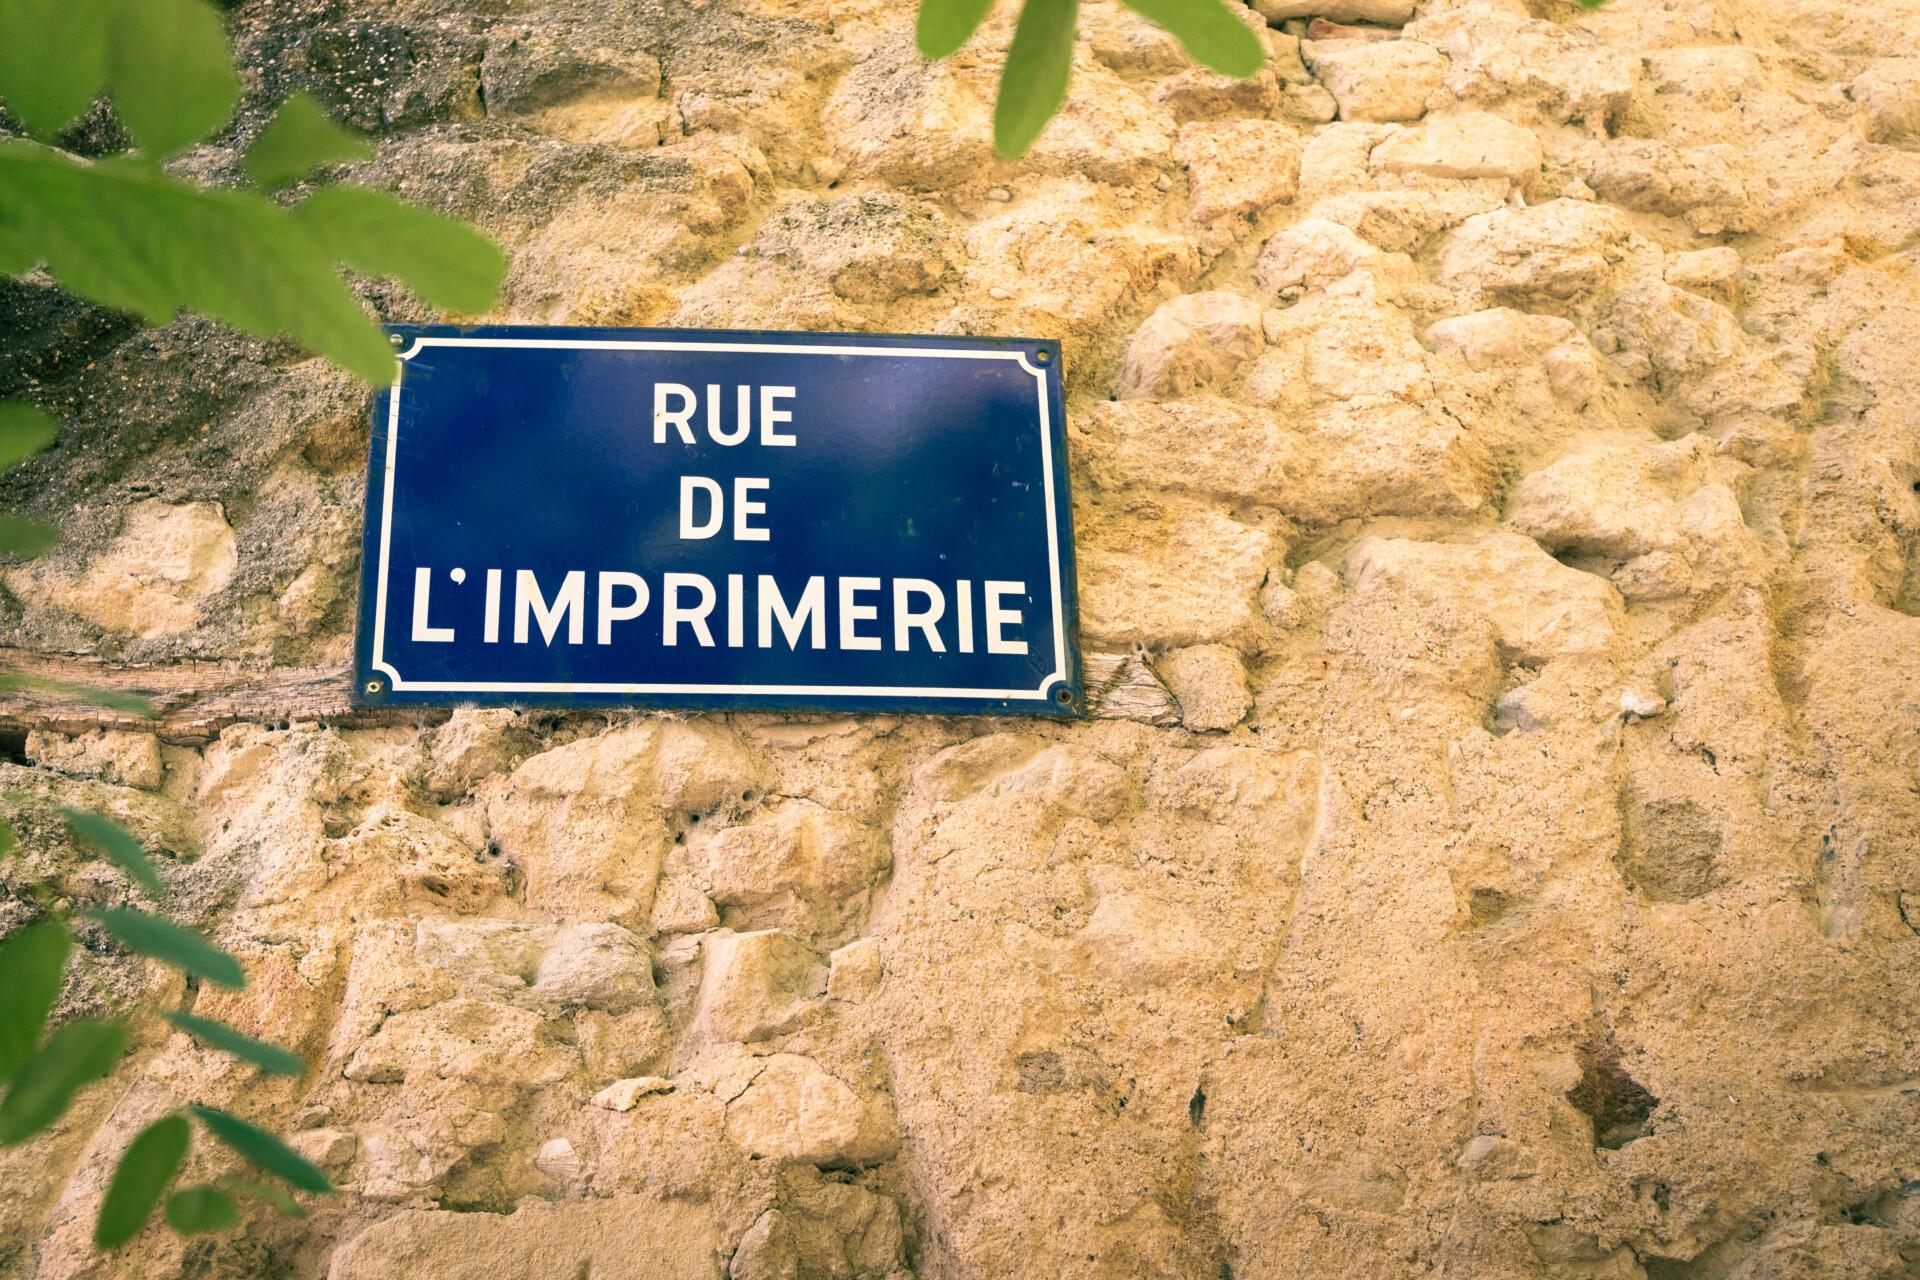 """Panneau de rue sur un mu en pierre indiquant """"Rue de l'imprimerie"""""""